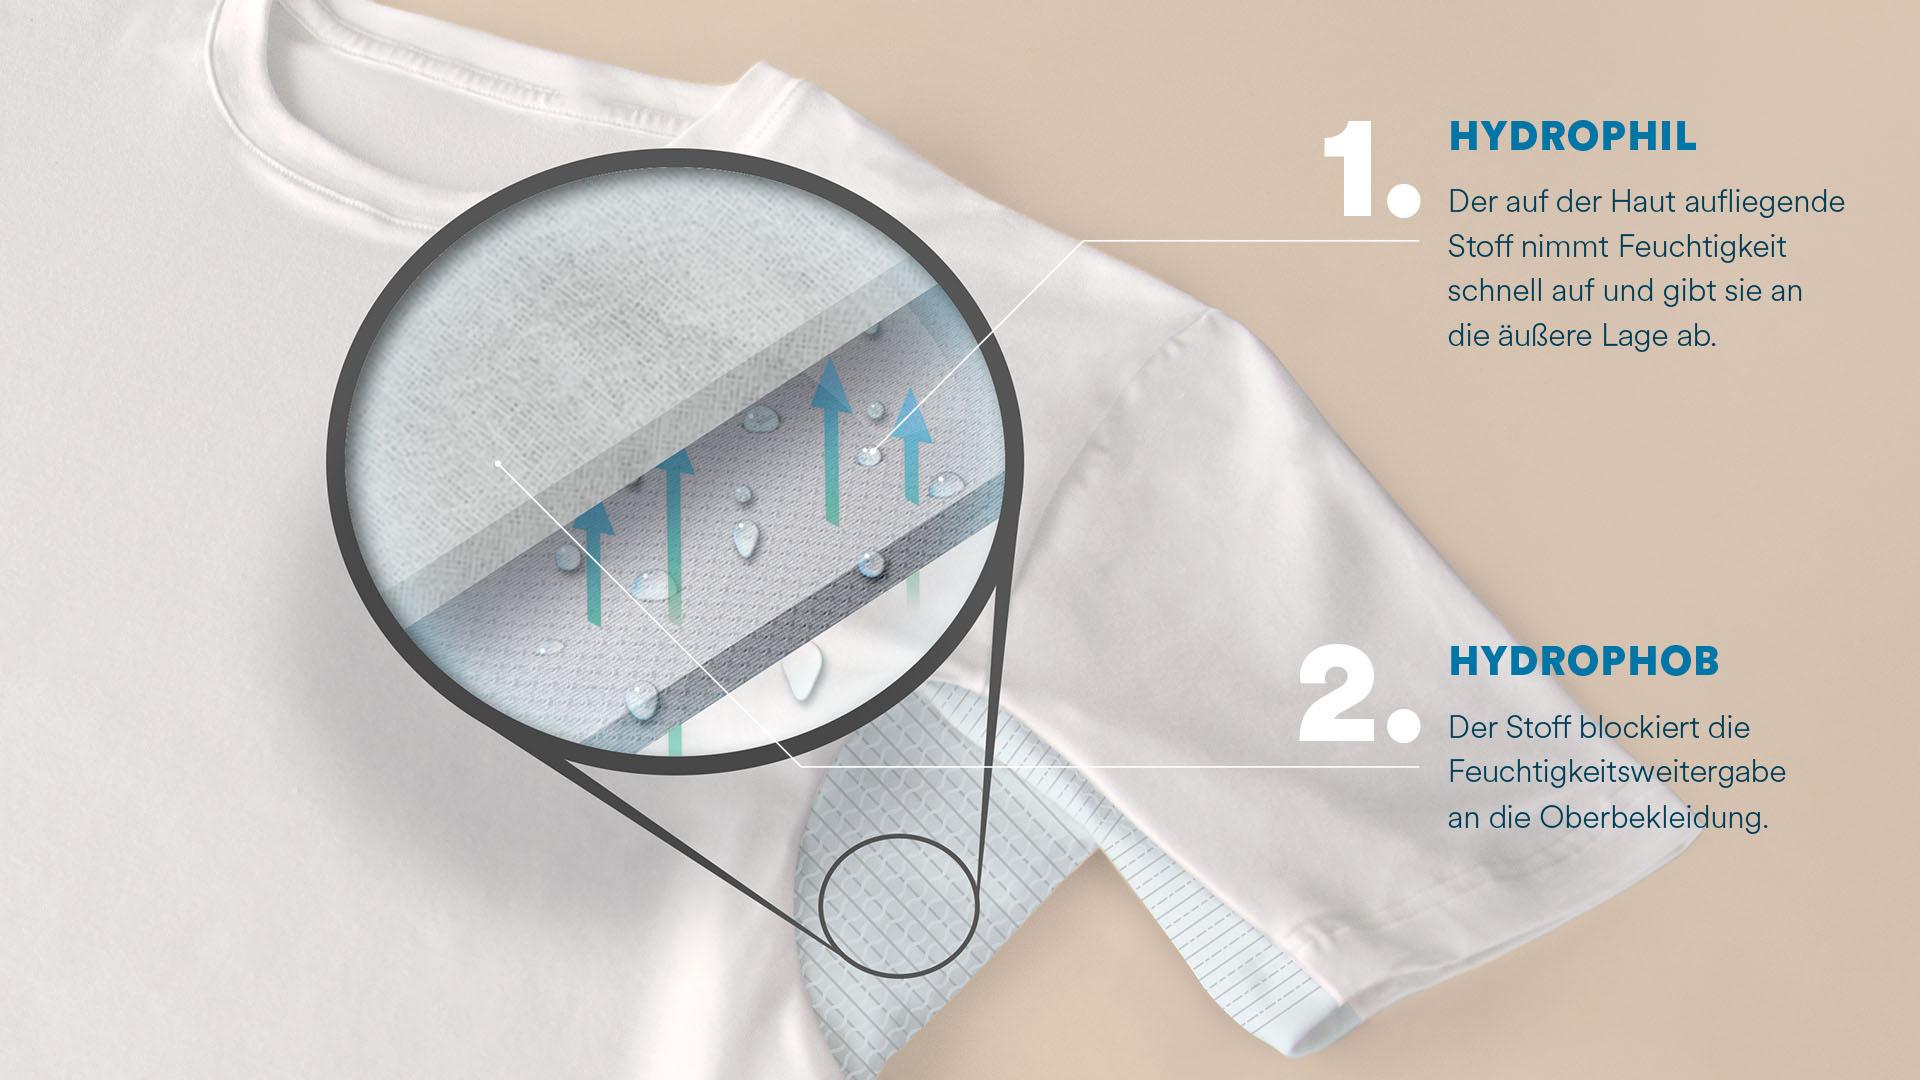 Stoffschicht mit hydrophoben Eigenschaften, weißer Stoff auf den Wassertropfen aus einer Pipette getropft werden, sie bleiben liegen und ziehen nicht in den Stoff ein | mey®